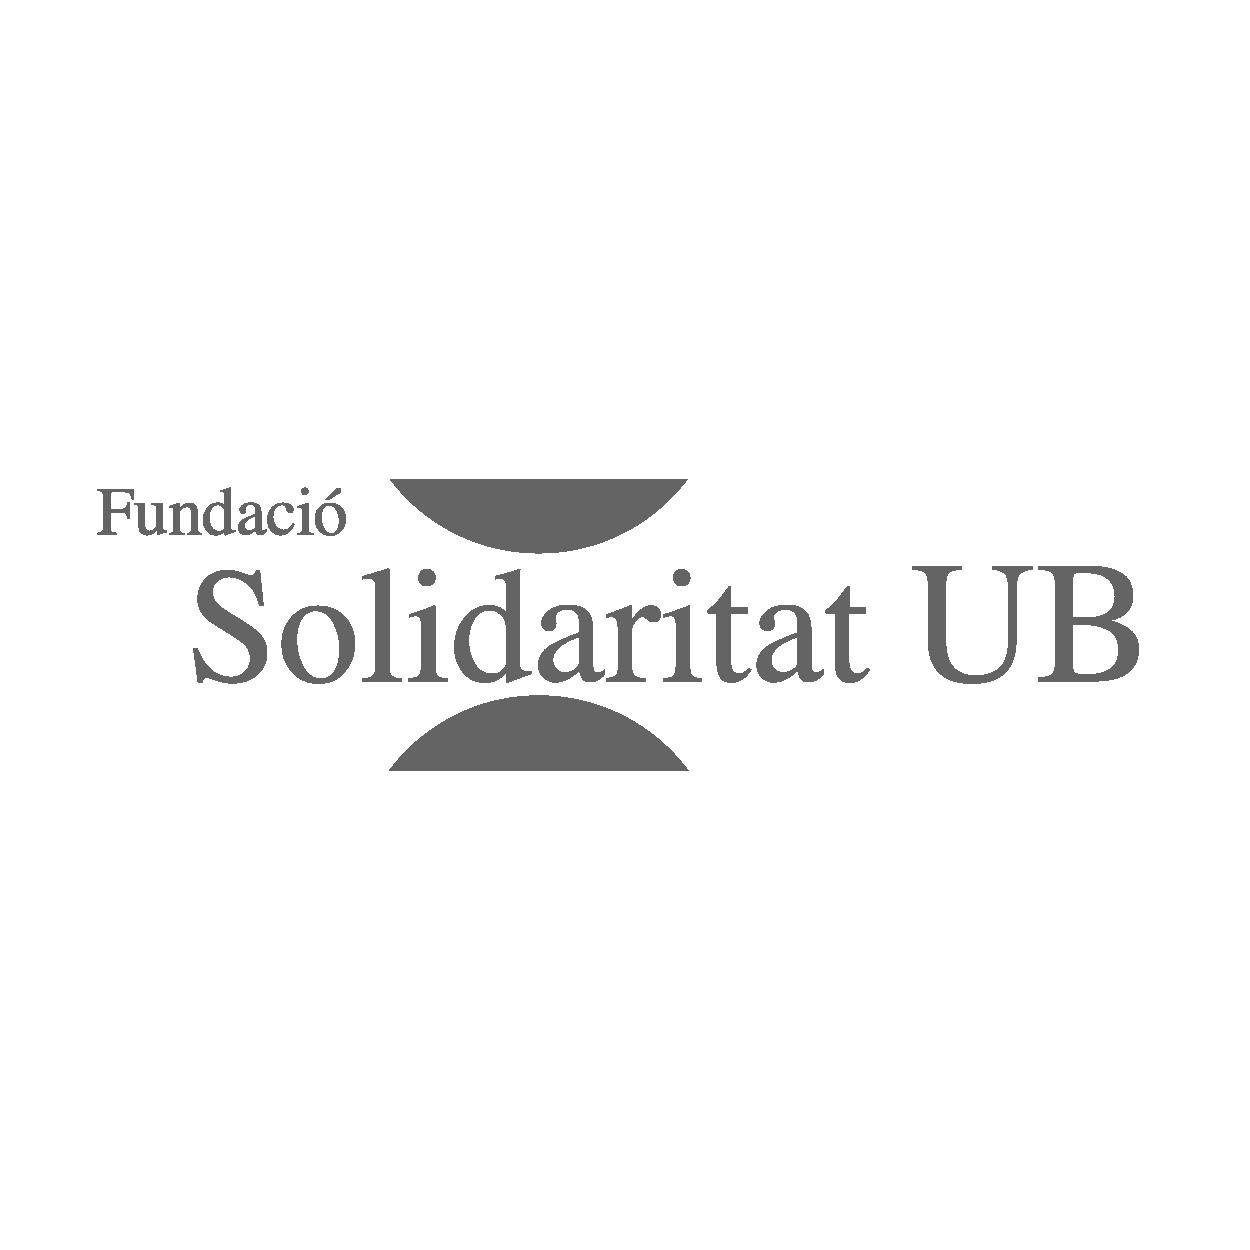 logo_Fundacio_Solidaritat_UB.png